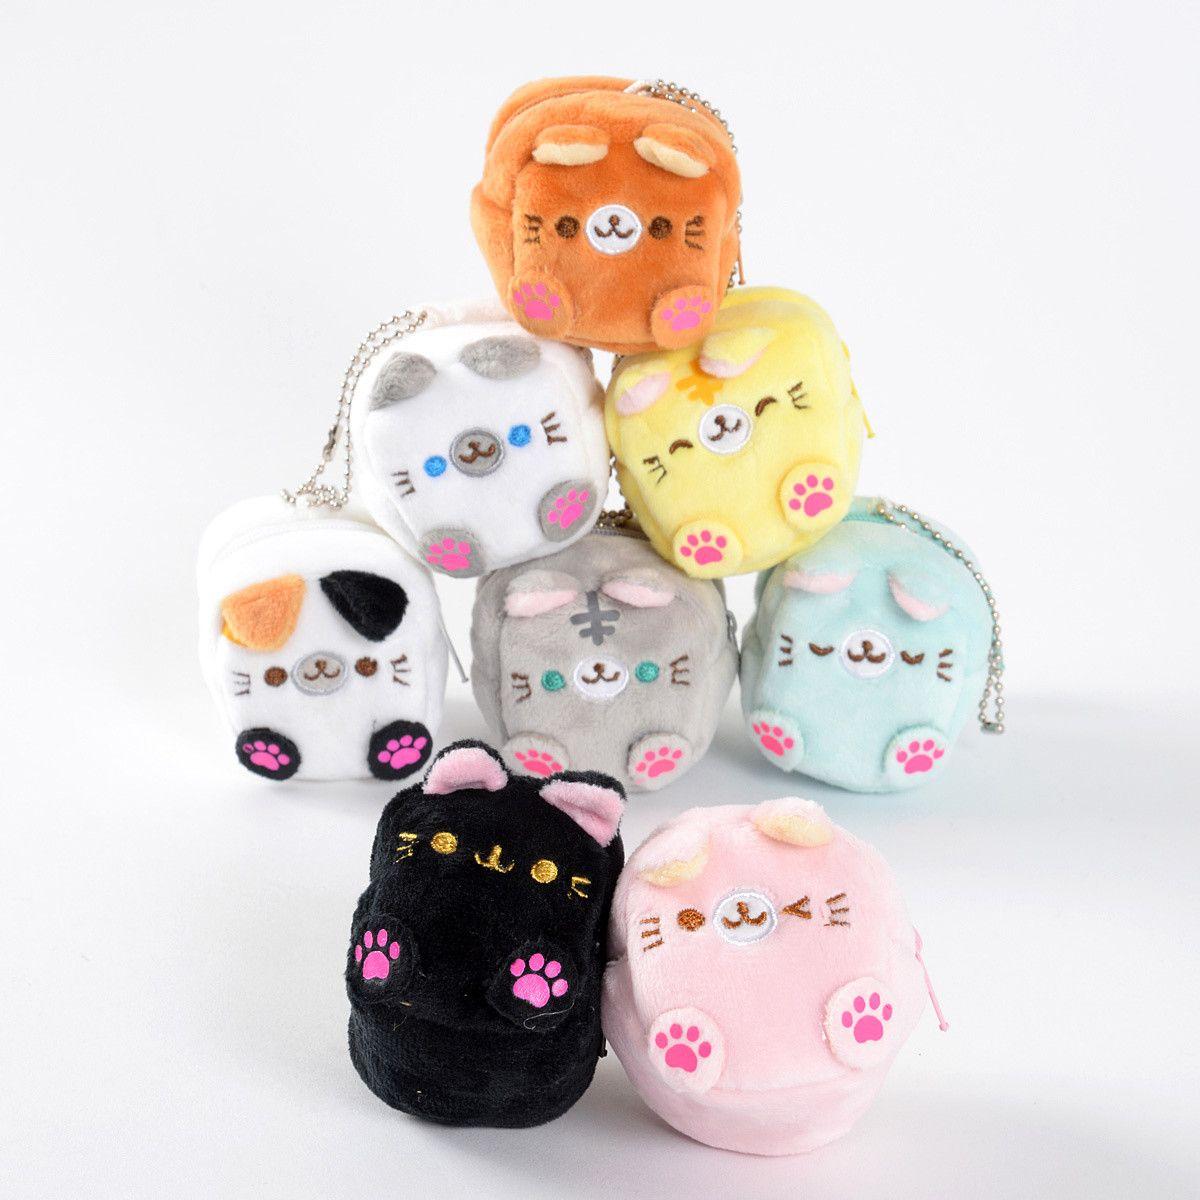 Square Cat Plush Coin Cases Cat Plush Cute Mini Backpacks Cat Coin Purse [ 1200 x 1200 Pixel ]